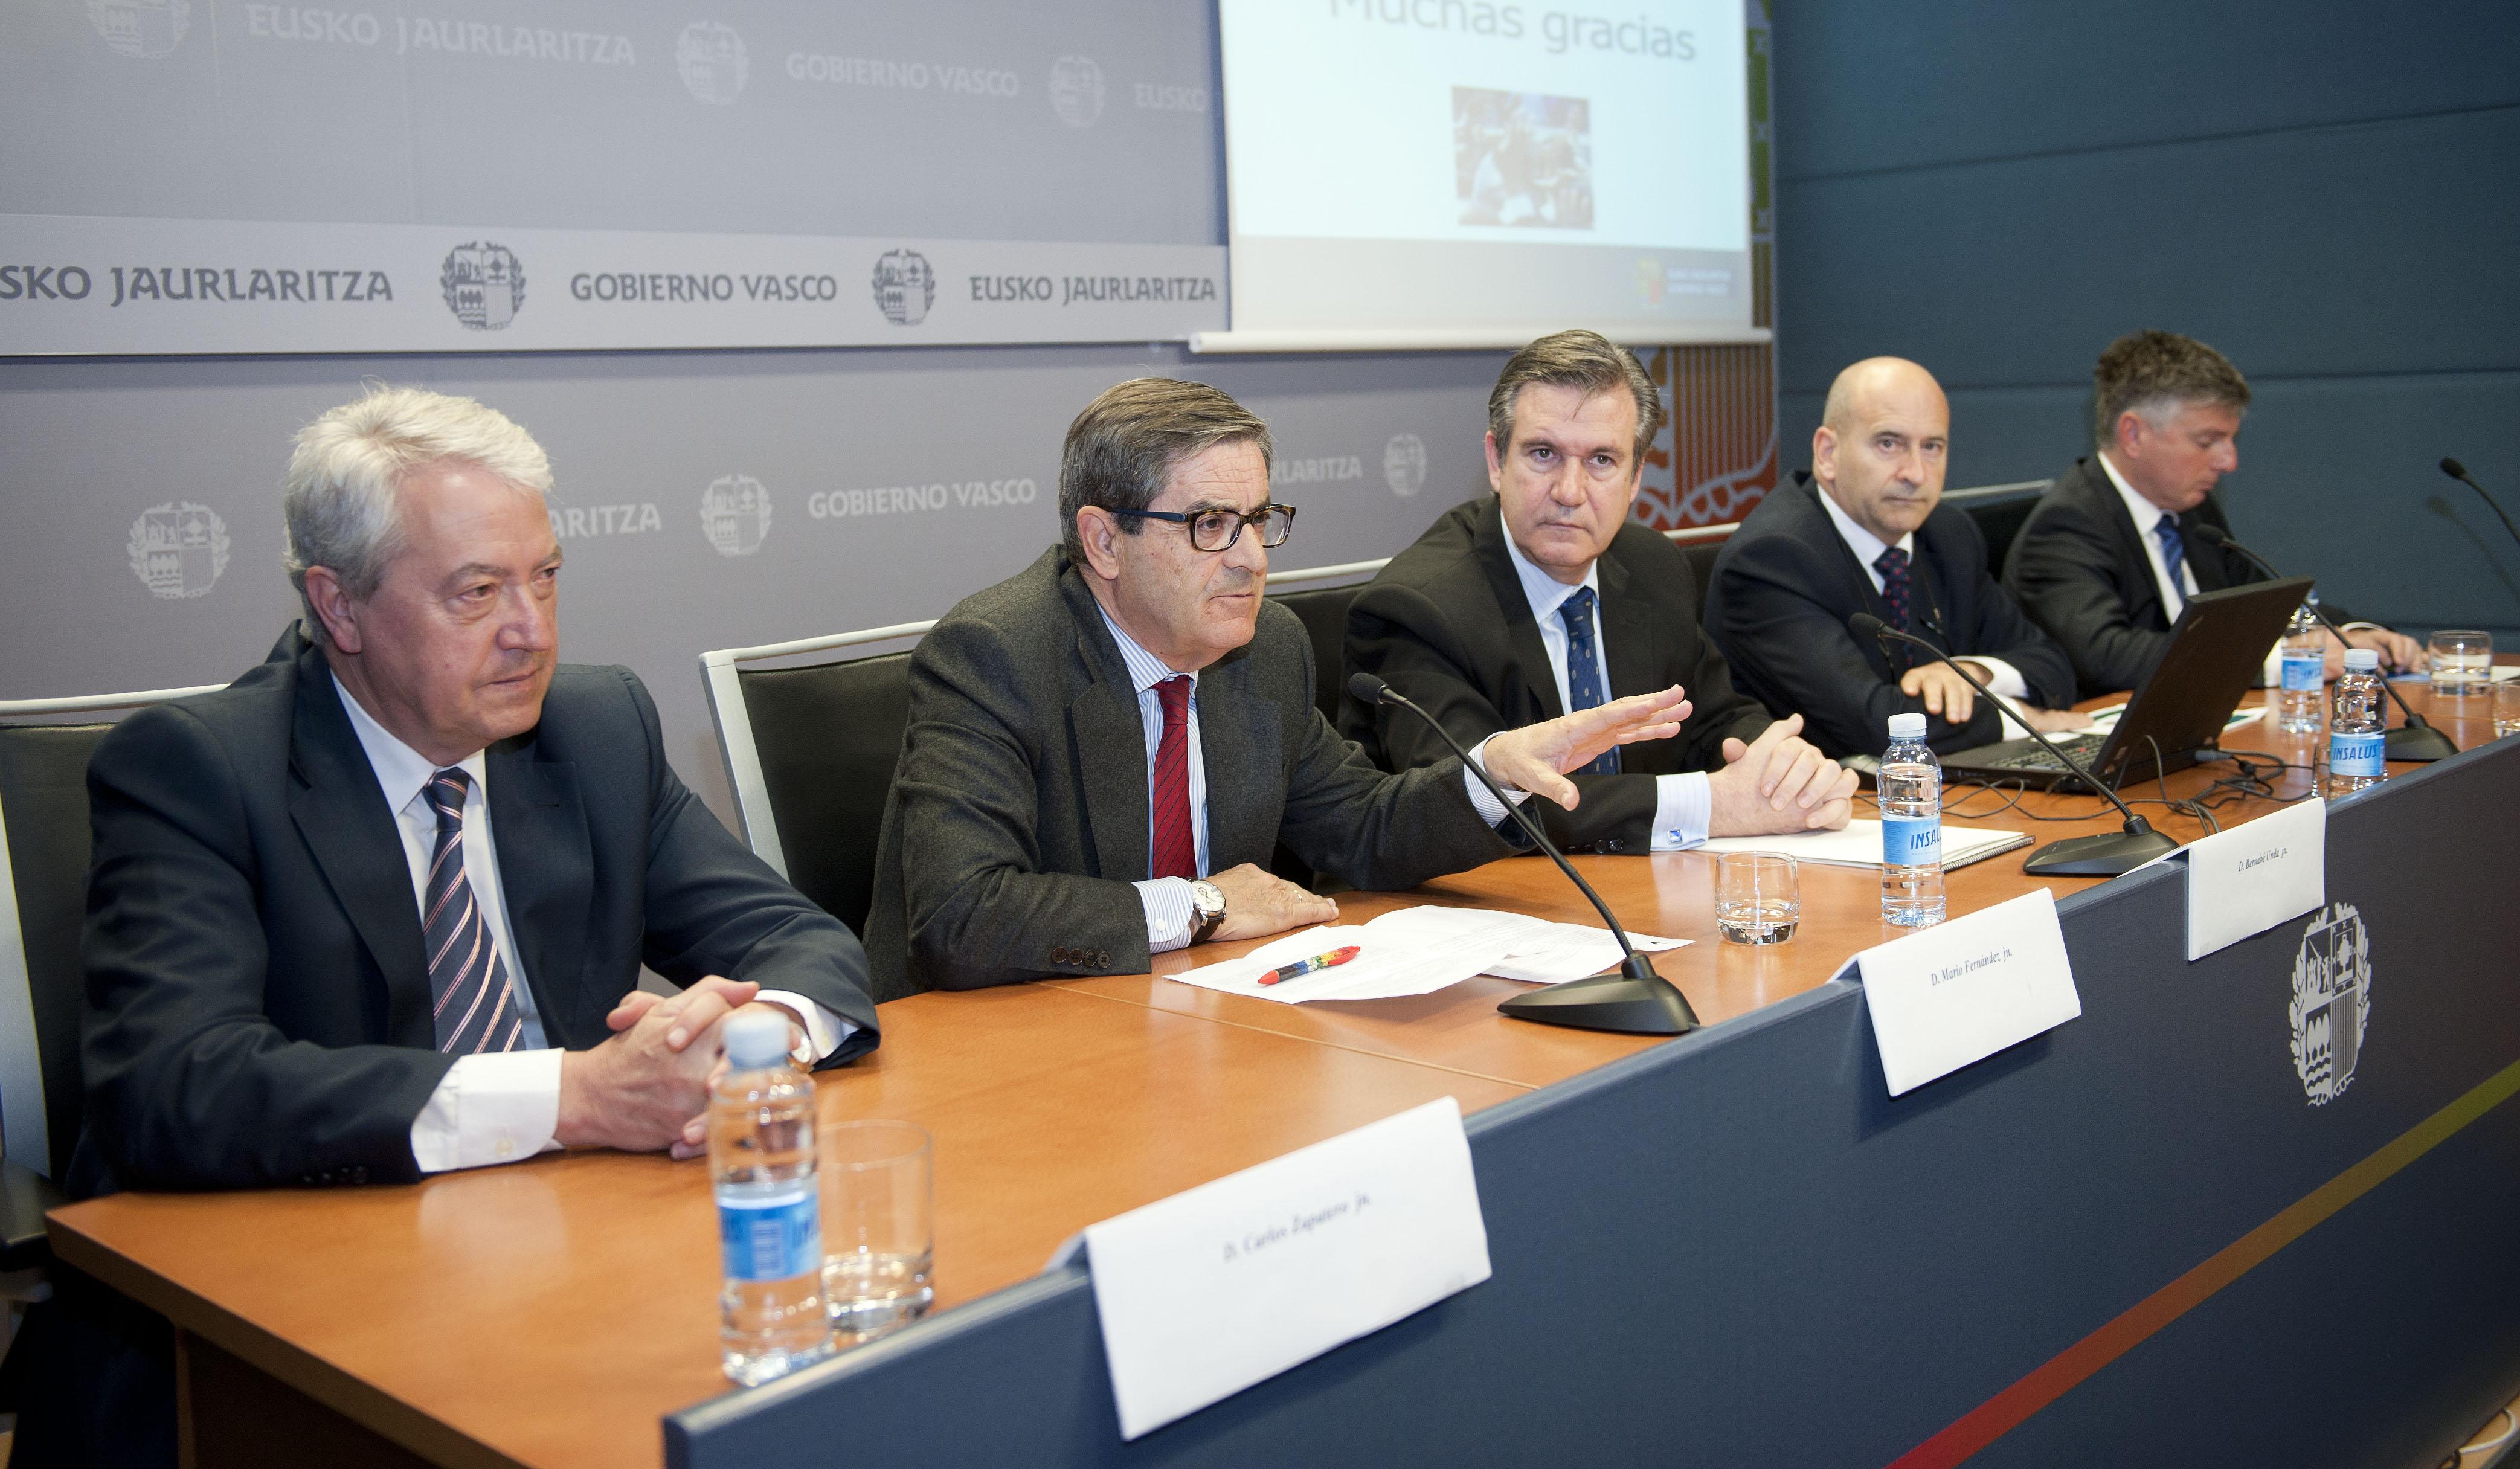 2012_04_16_unda_becas_extranjero_cajas_08.jpg